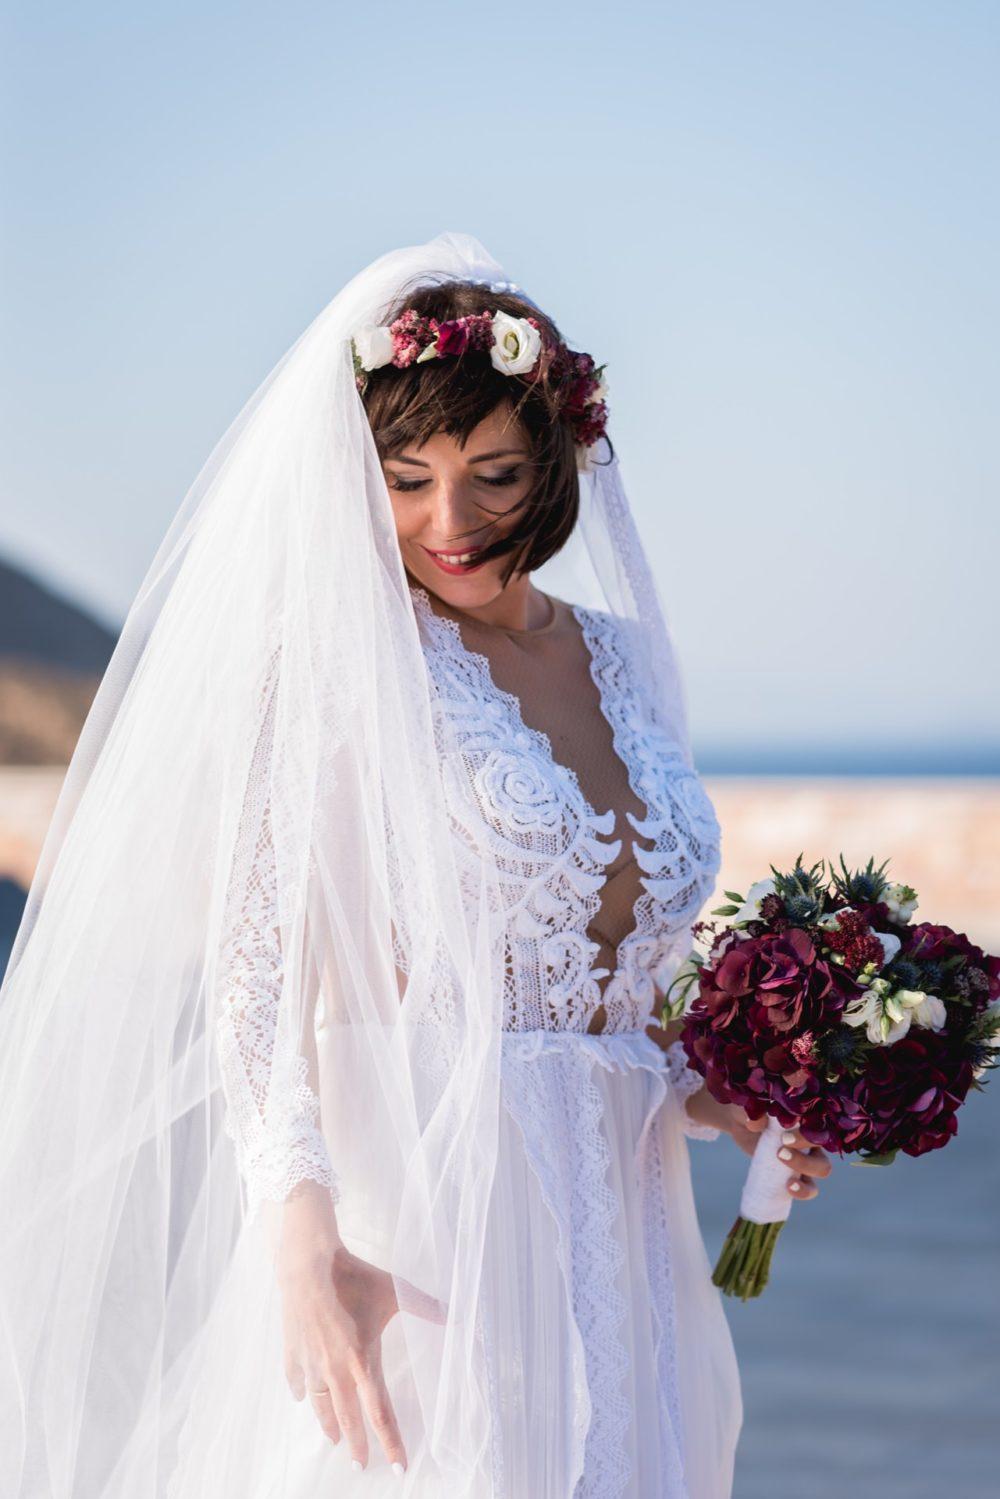 Fotografisi Gamou Wedding Gamos Fotografos Alekos & Mania120